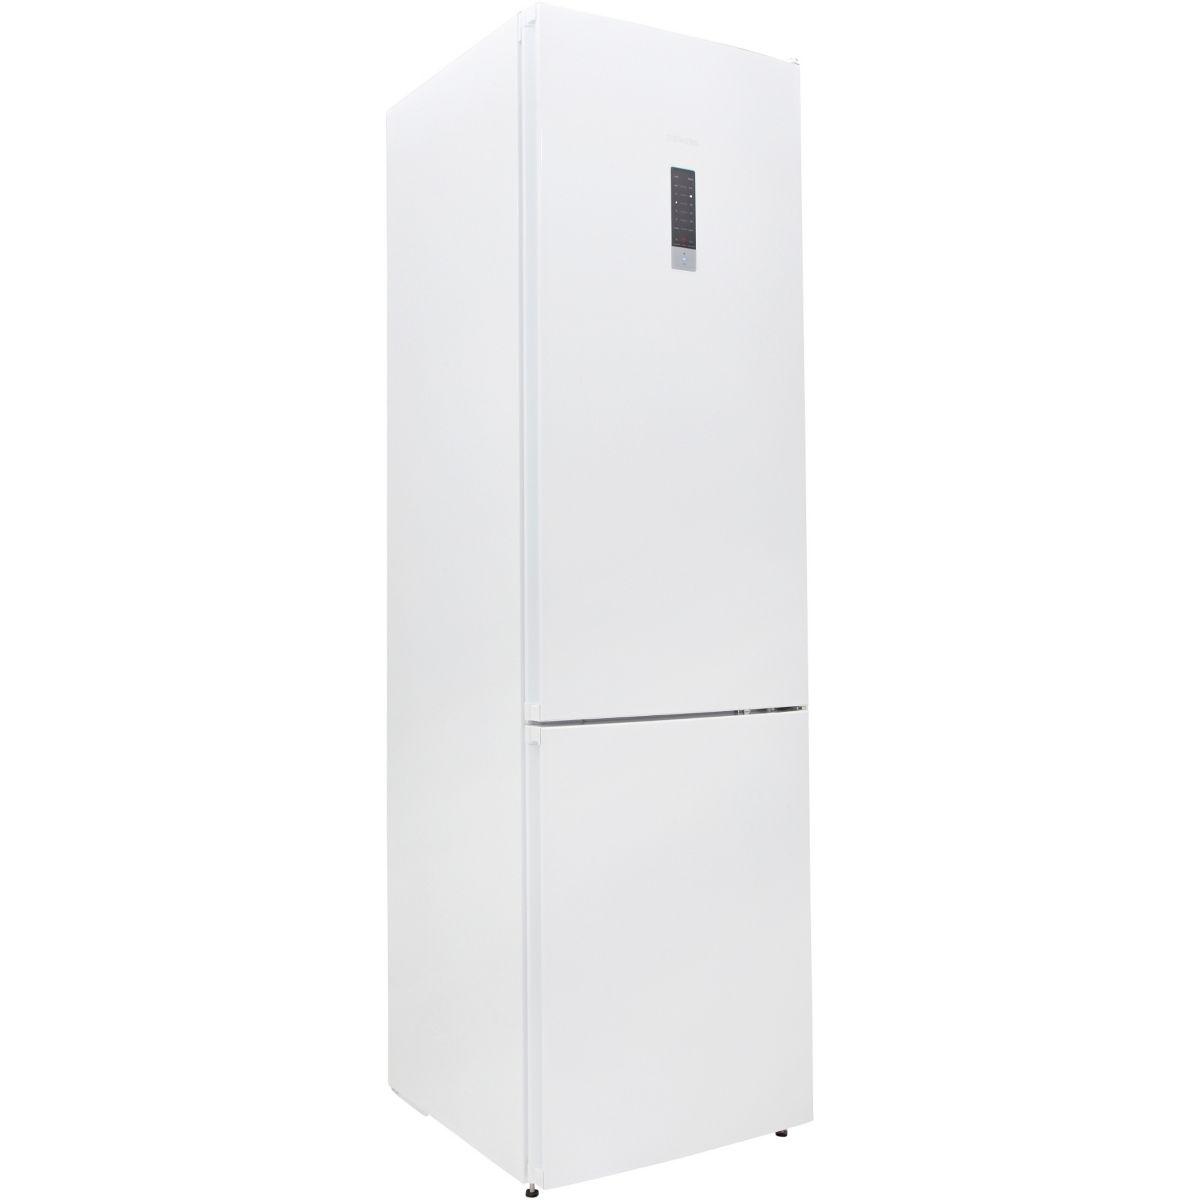 Réfrigérateur congélateur en bas SIEMENS KG36NXW35